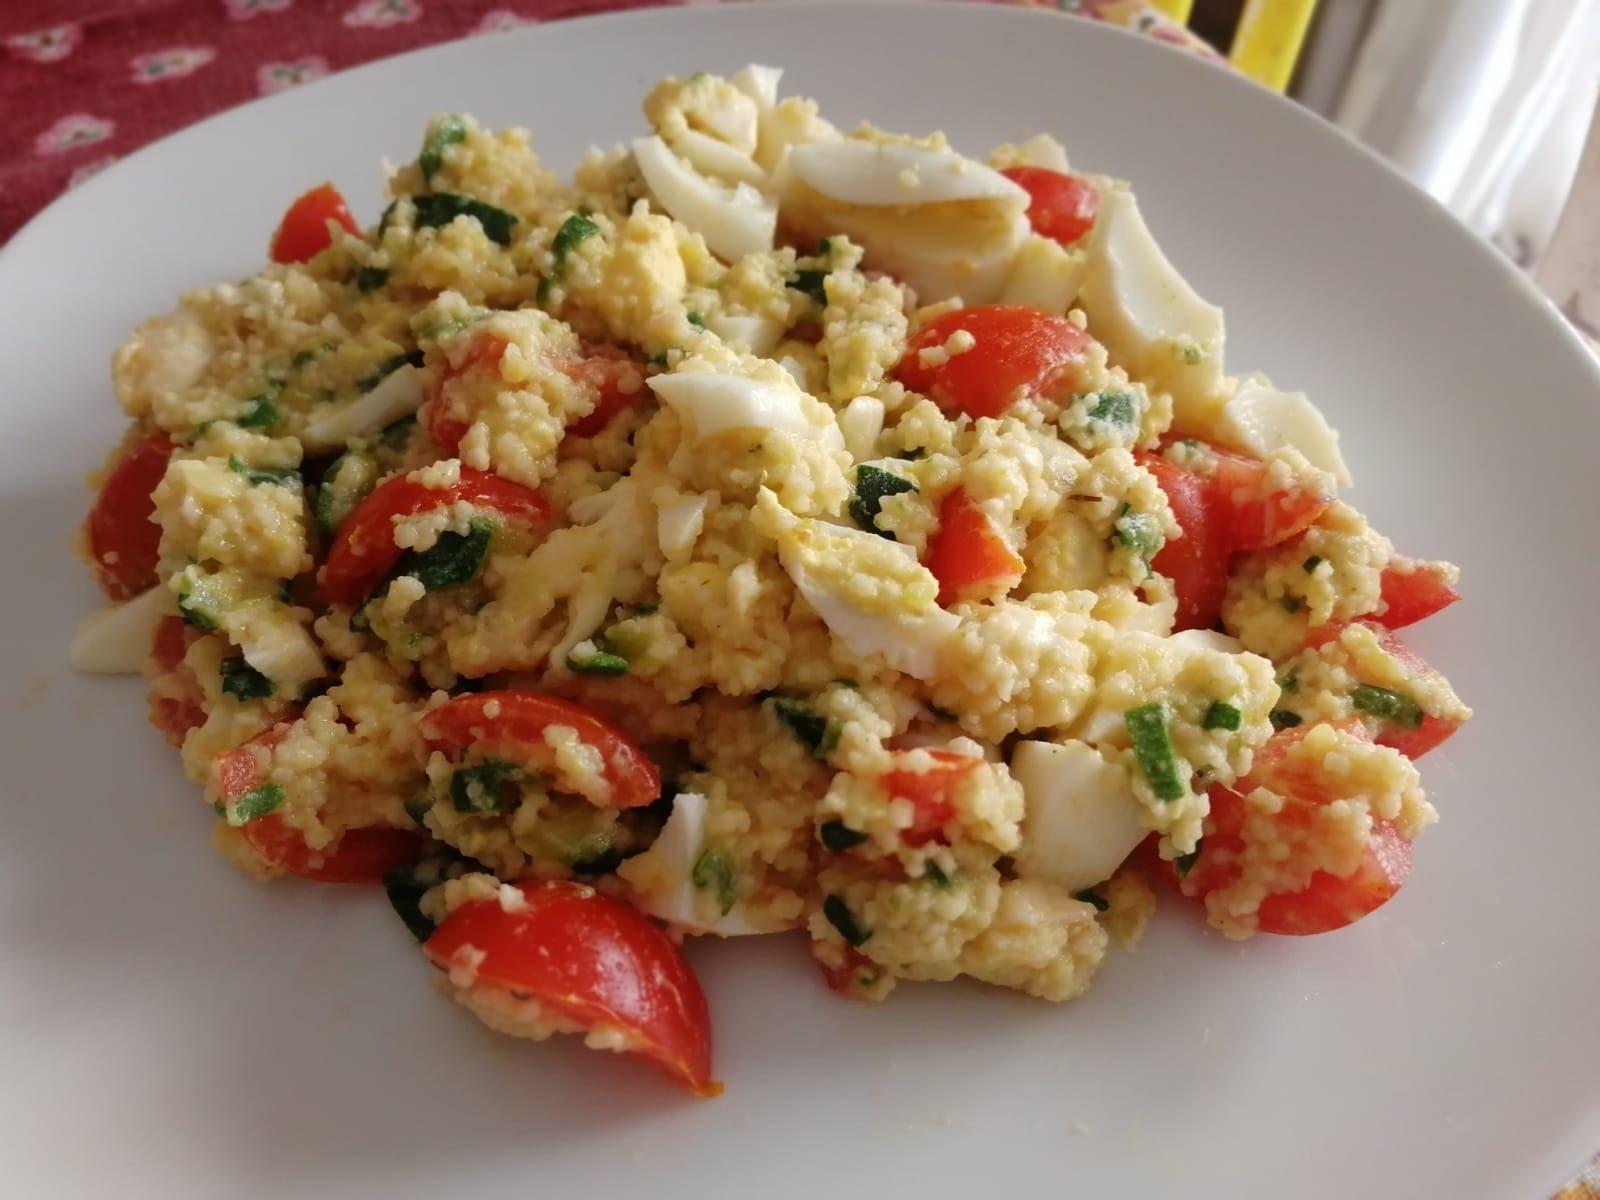 Insalata di cous cous con uova, pomodori e rucola Curarsi